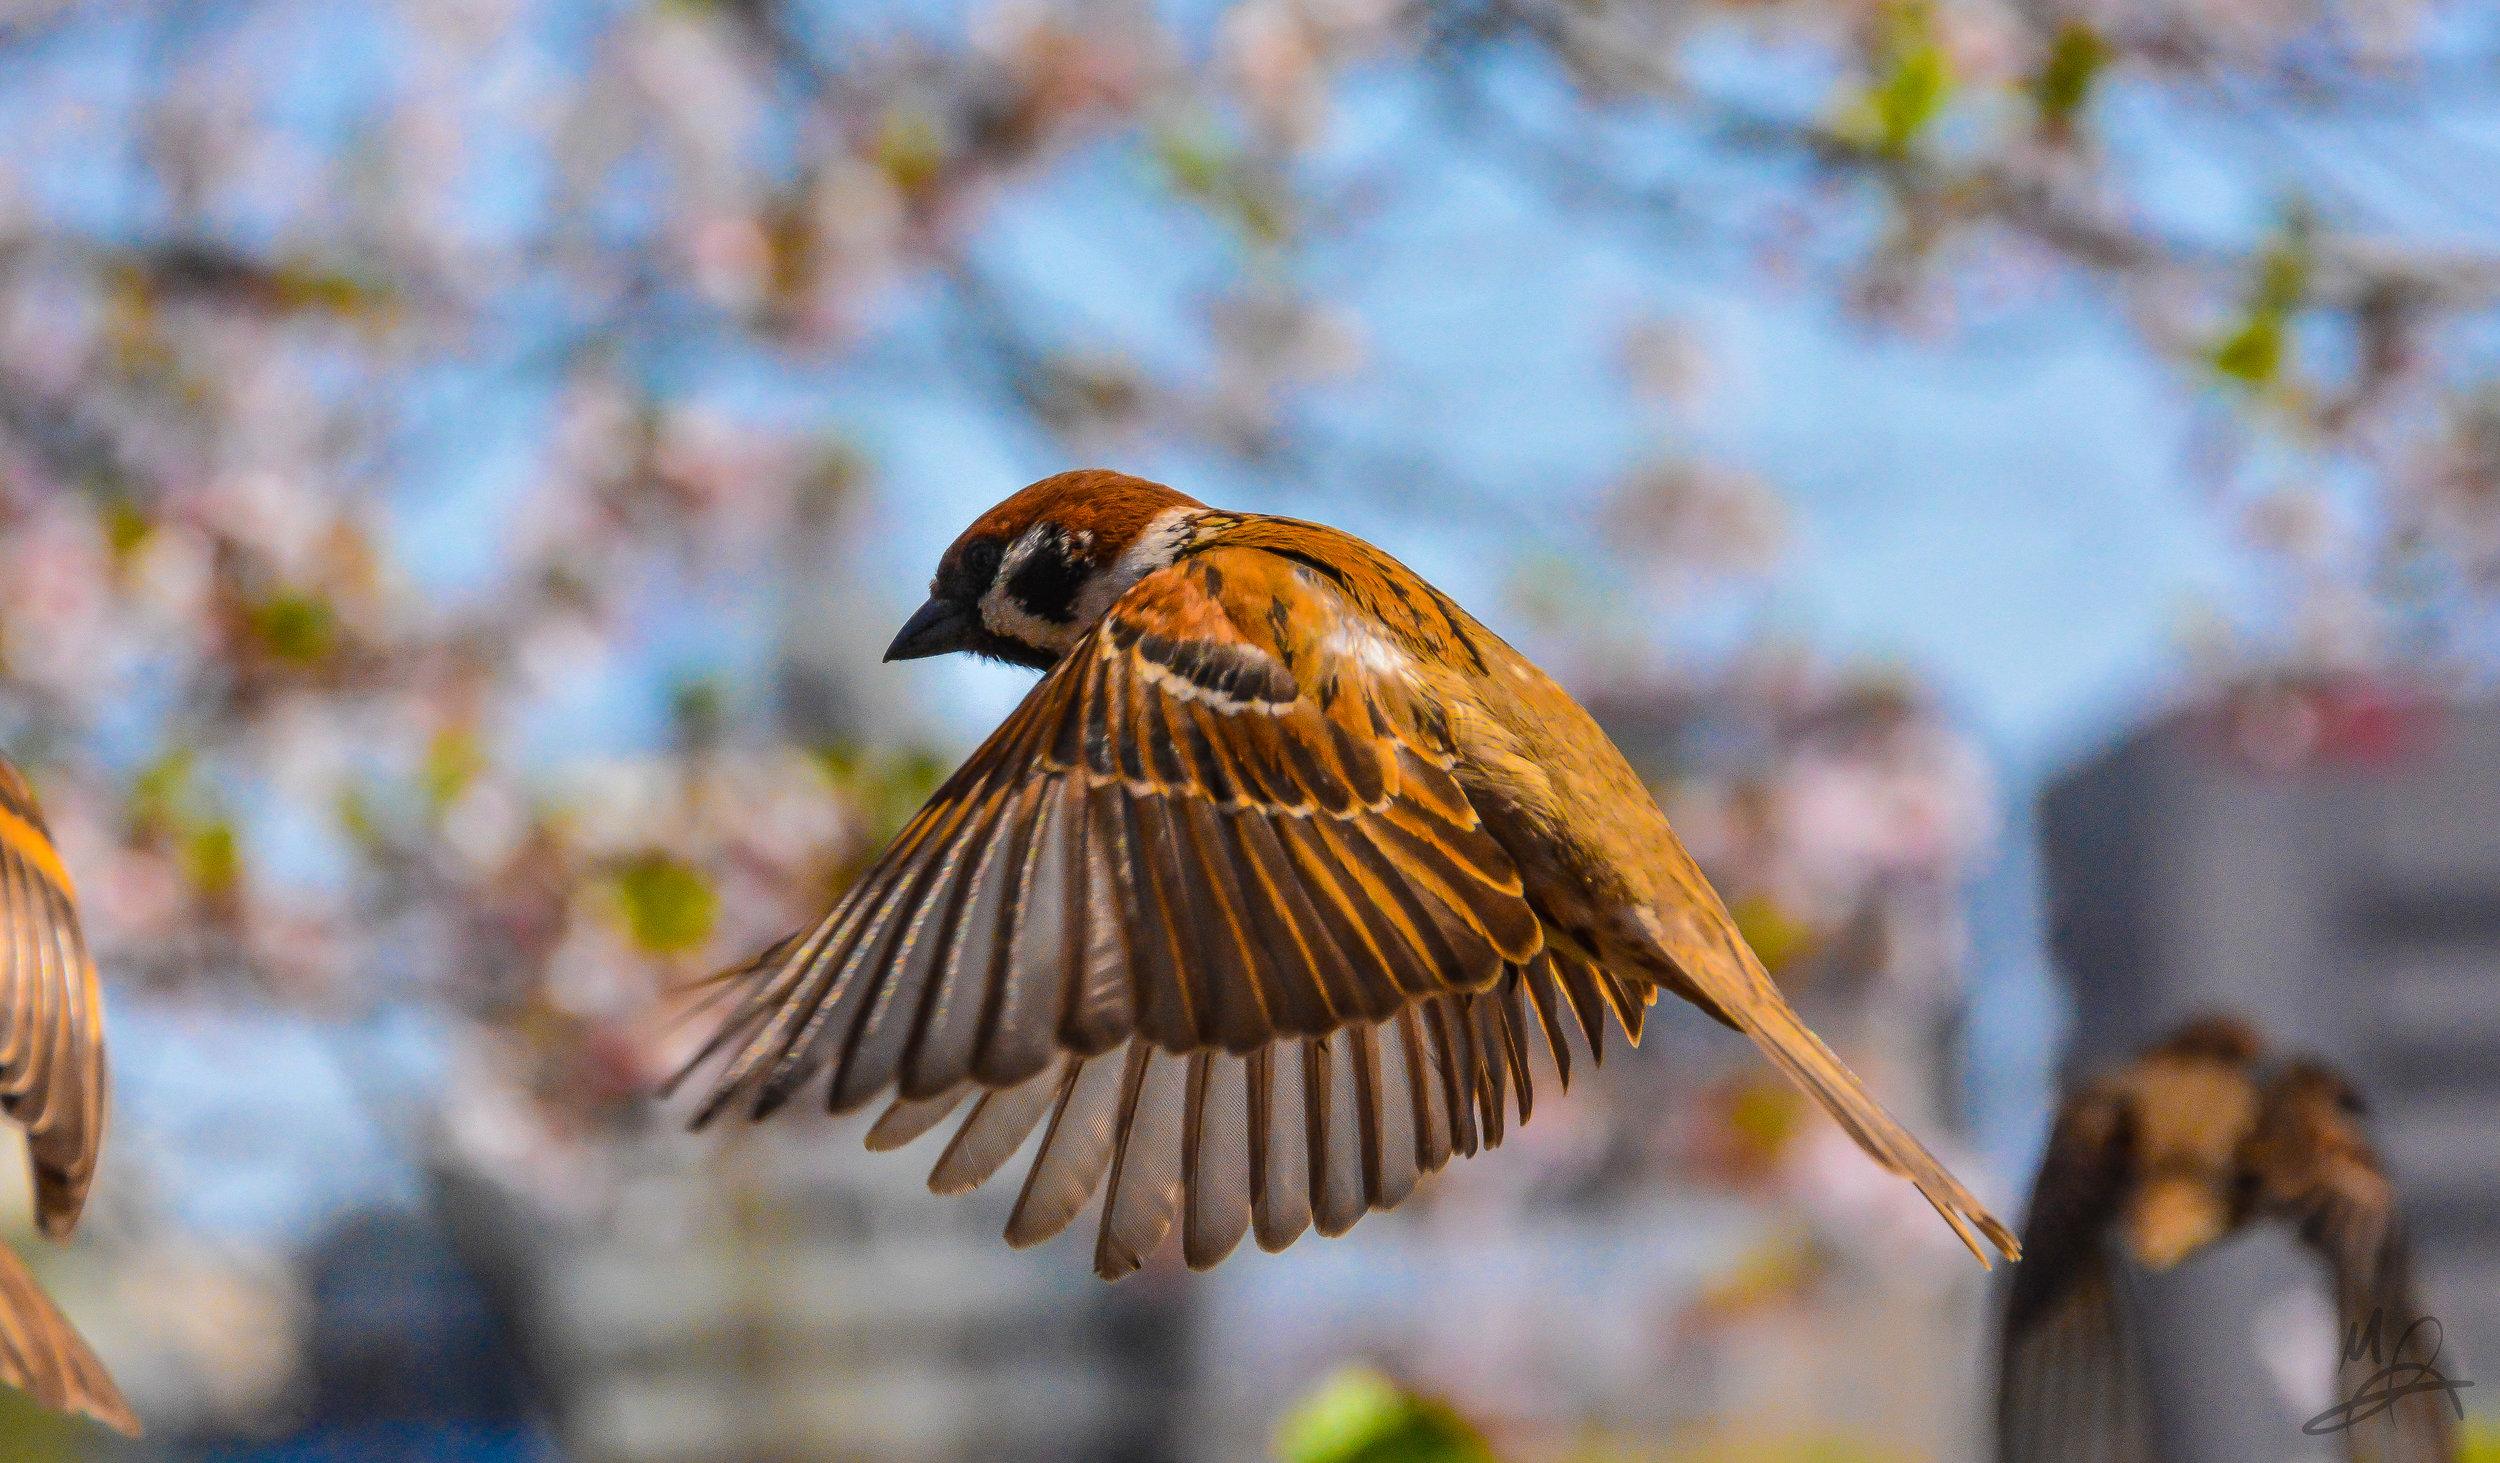 Sparrow, mid-flight